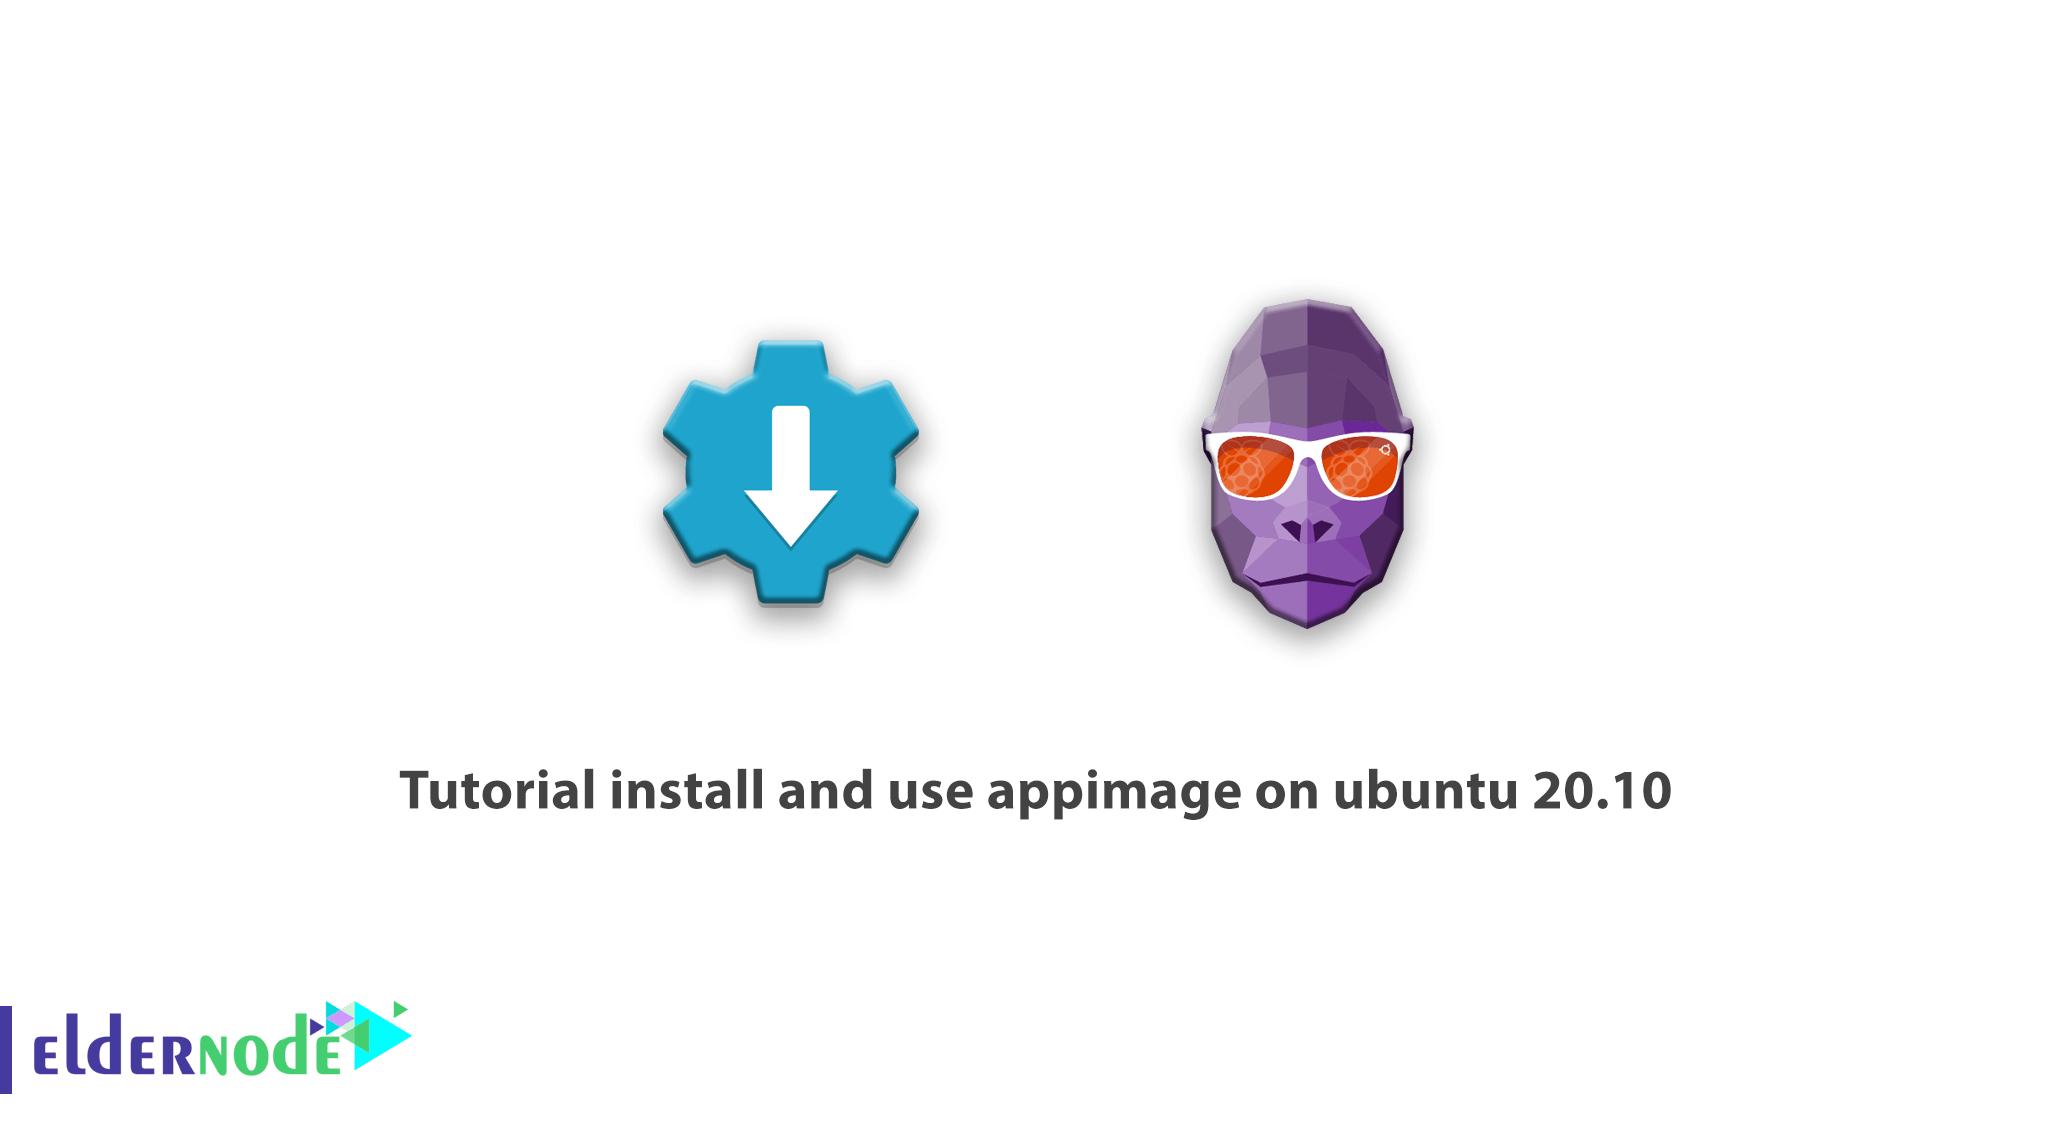 Tutorial install and use appimage on ubuntu 20.10